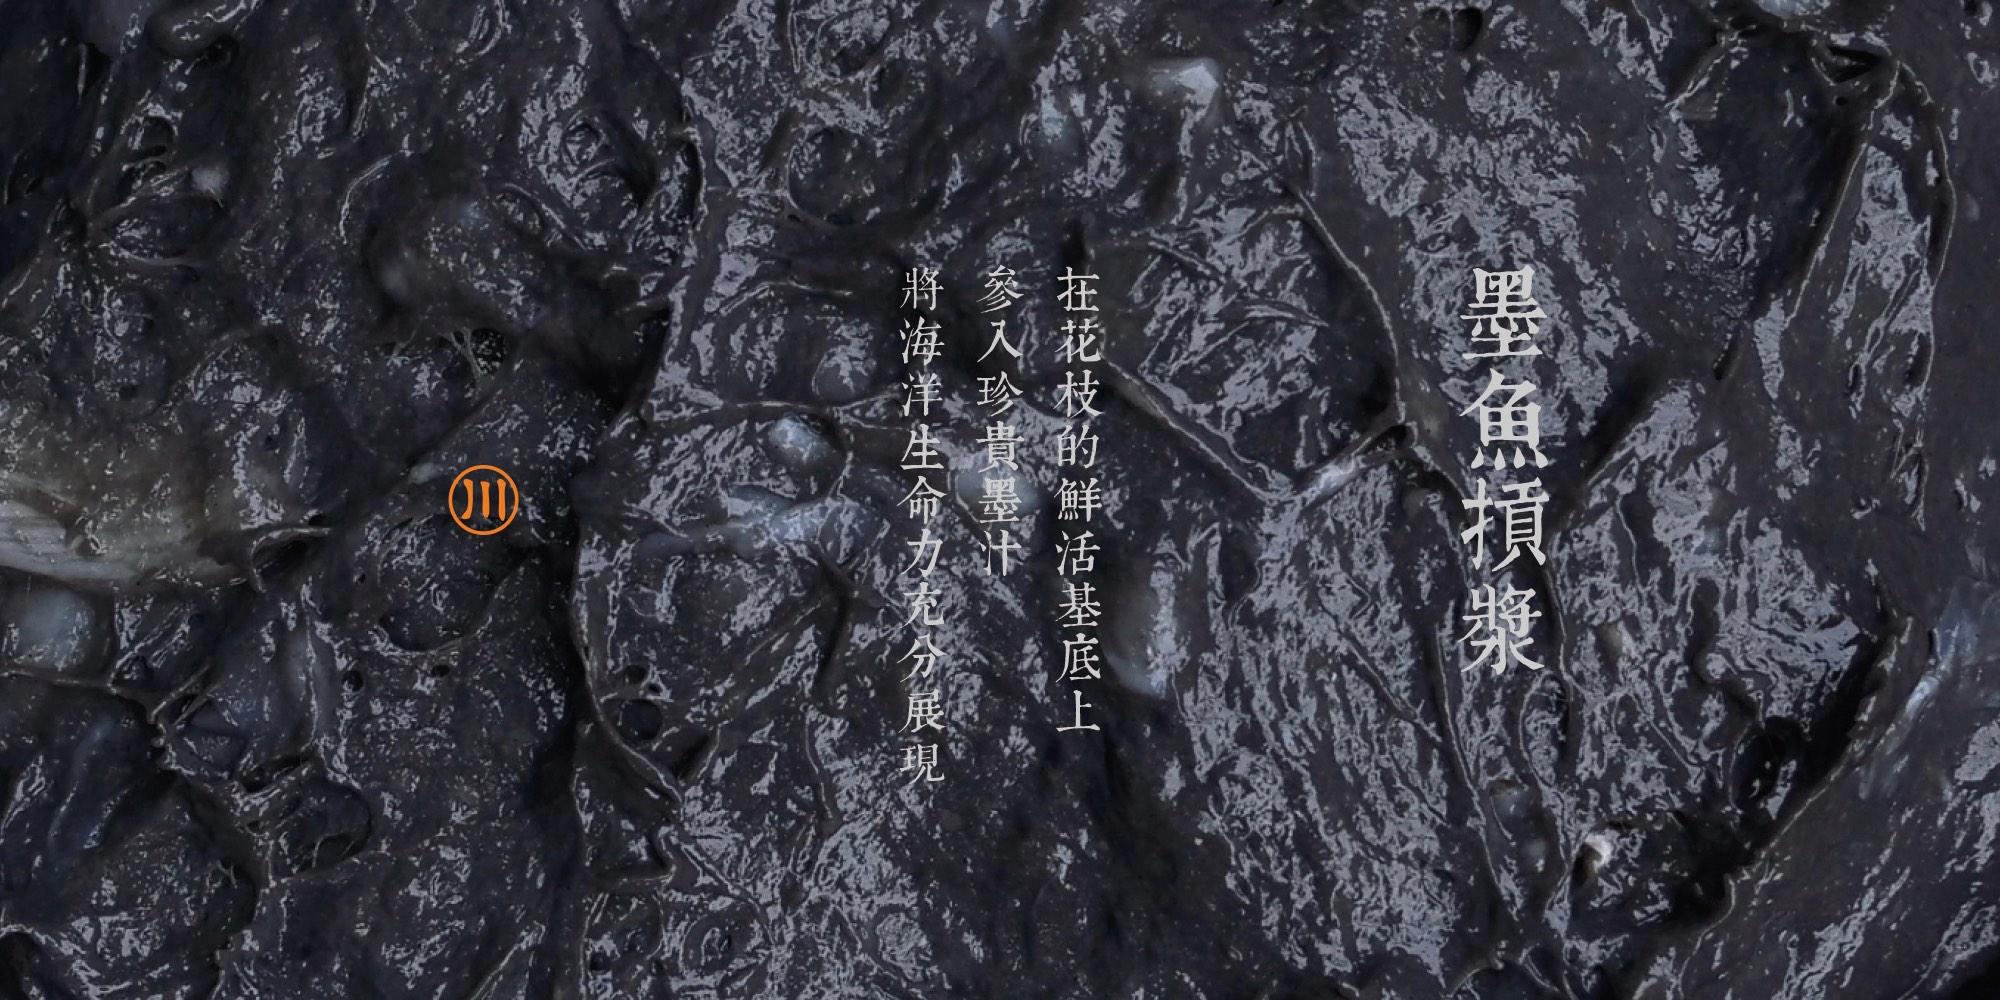 ink cuttlefish paste